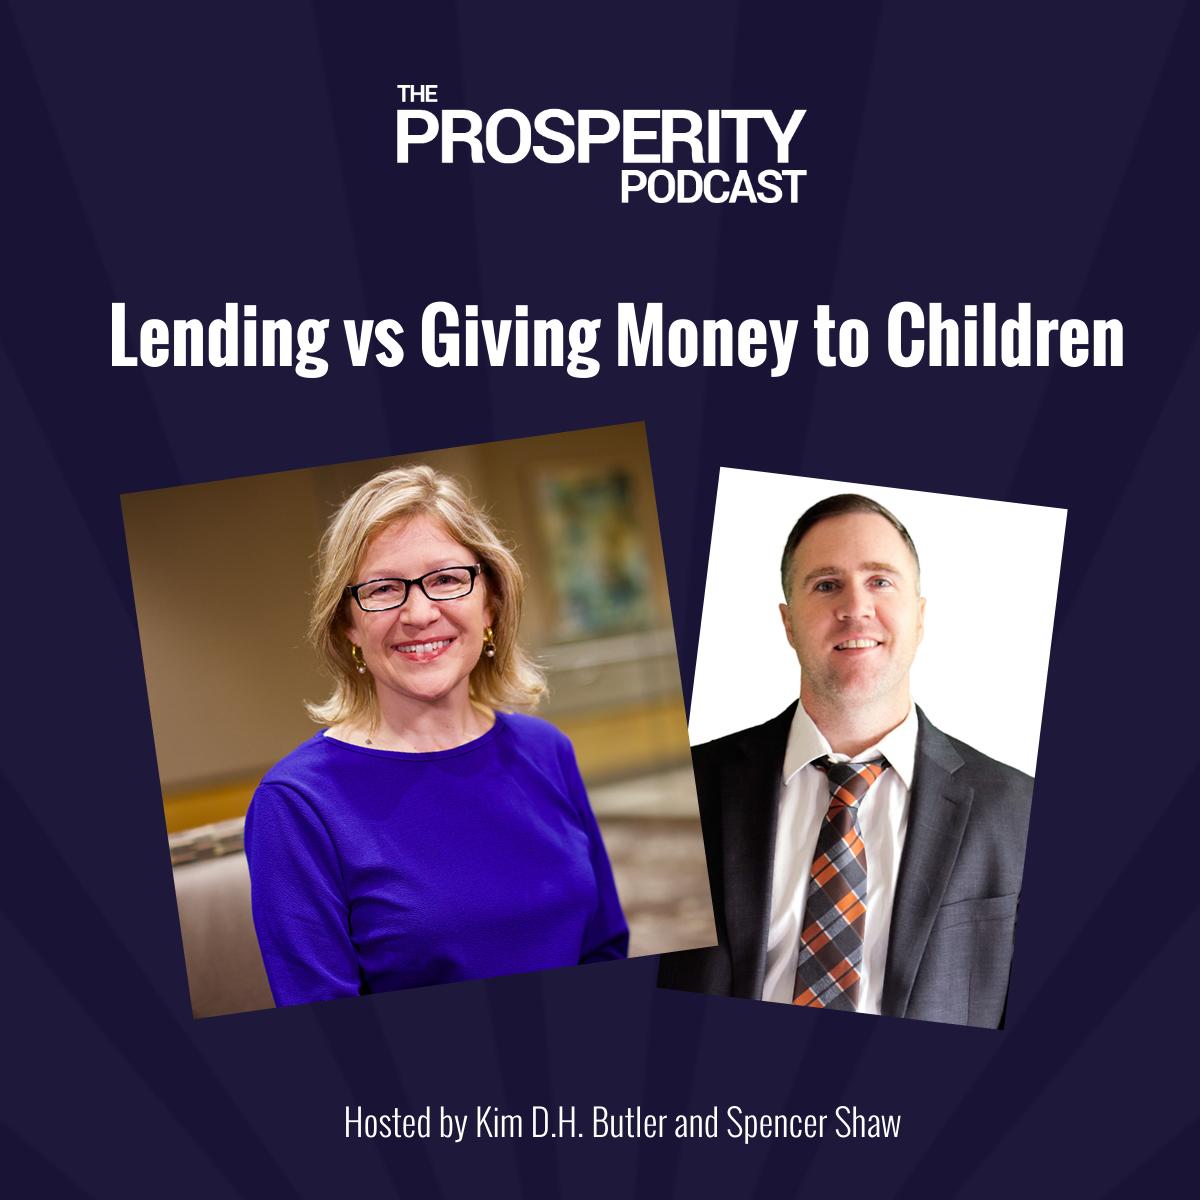 Lending vs Giving Money to Children